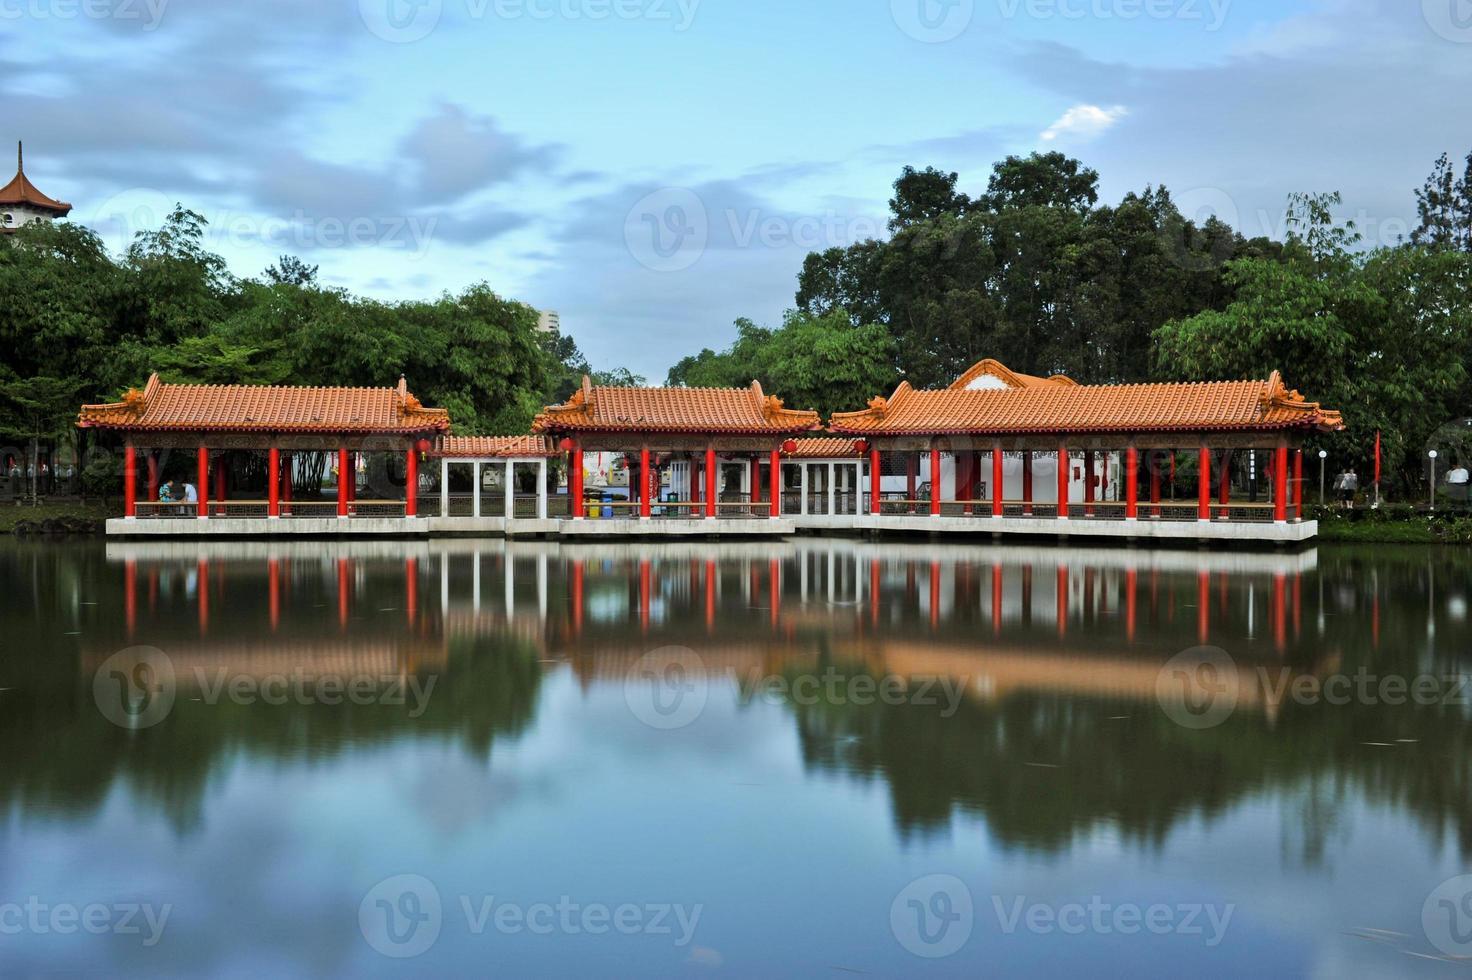 giardino cinese di Singapore foto